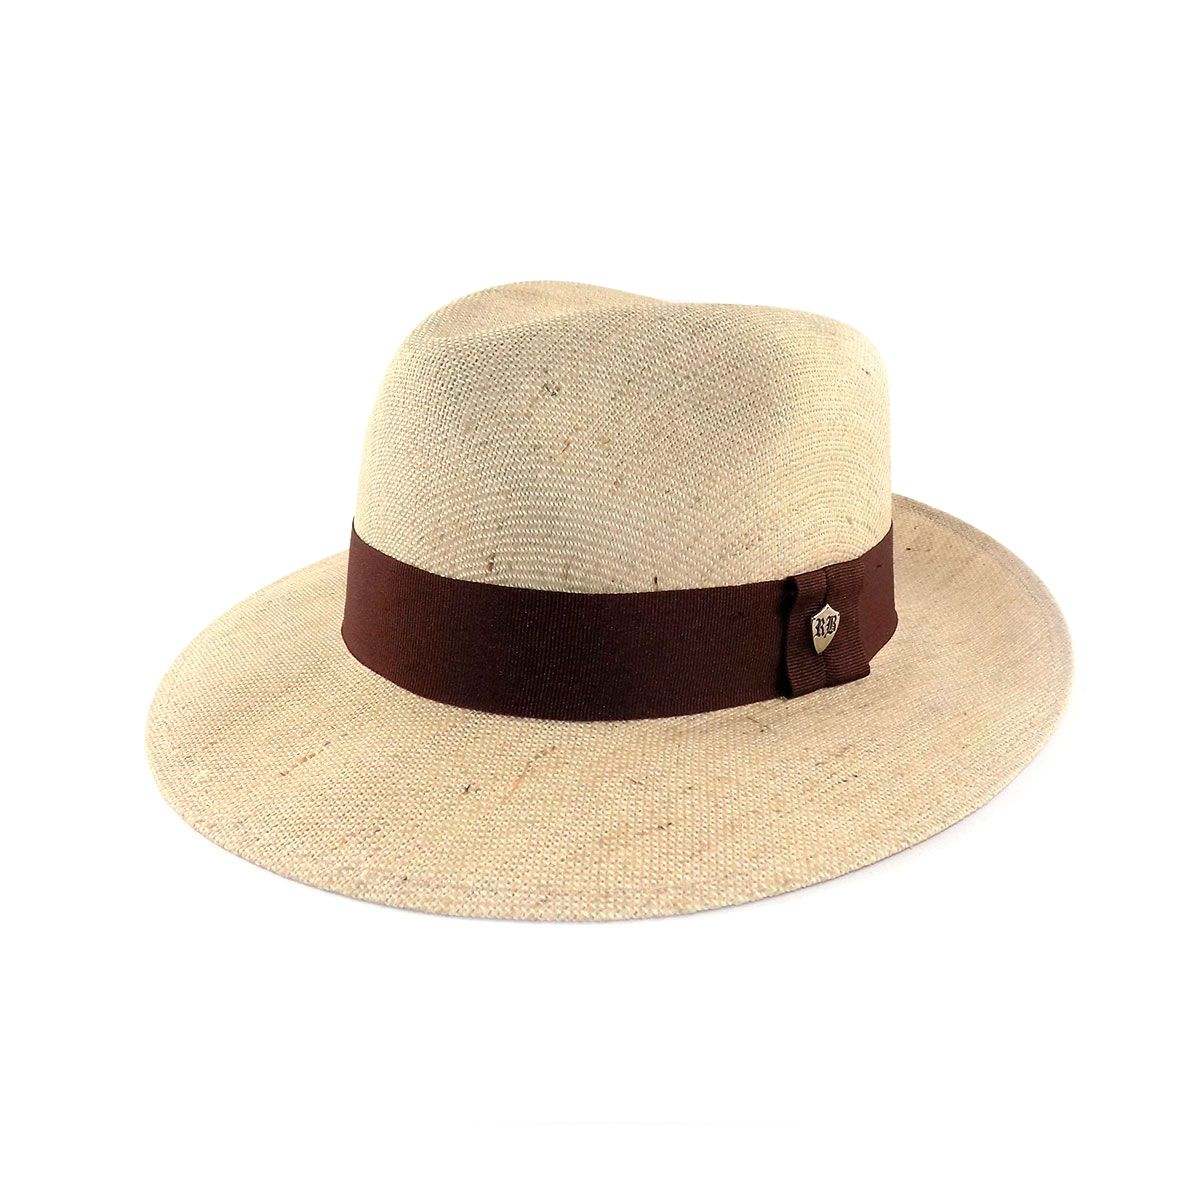 Chapéu Rio Branco Fedora Juta Algodão